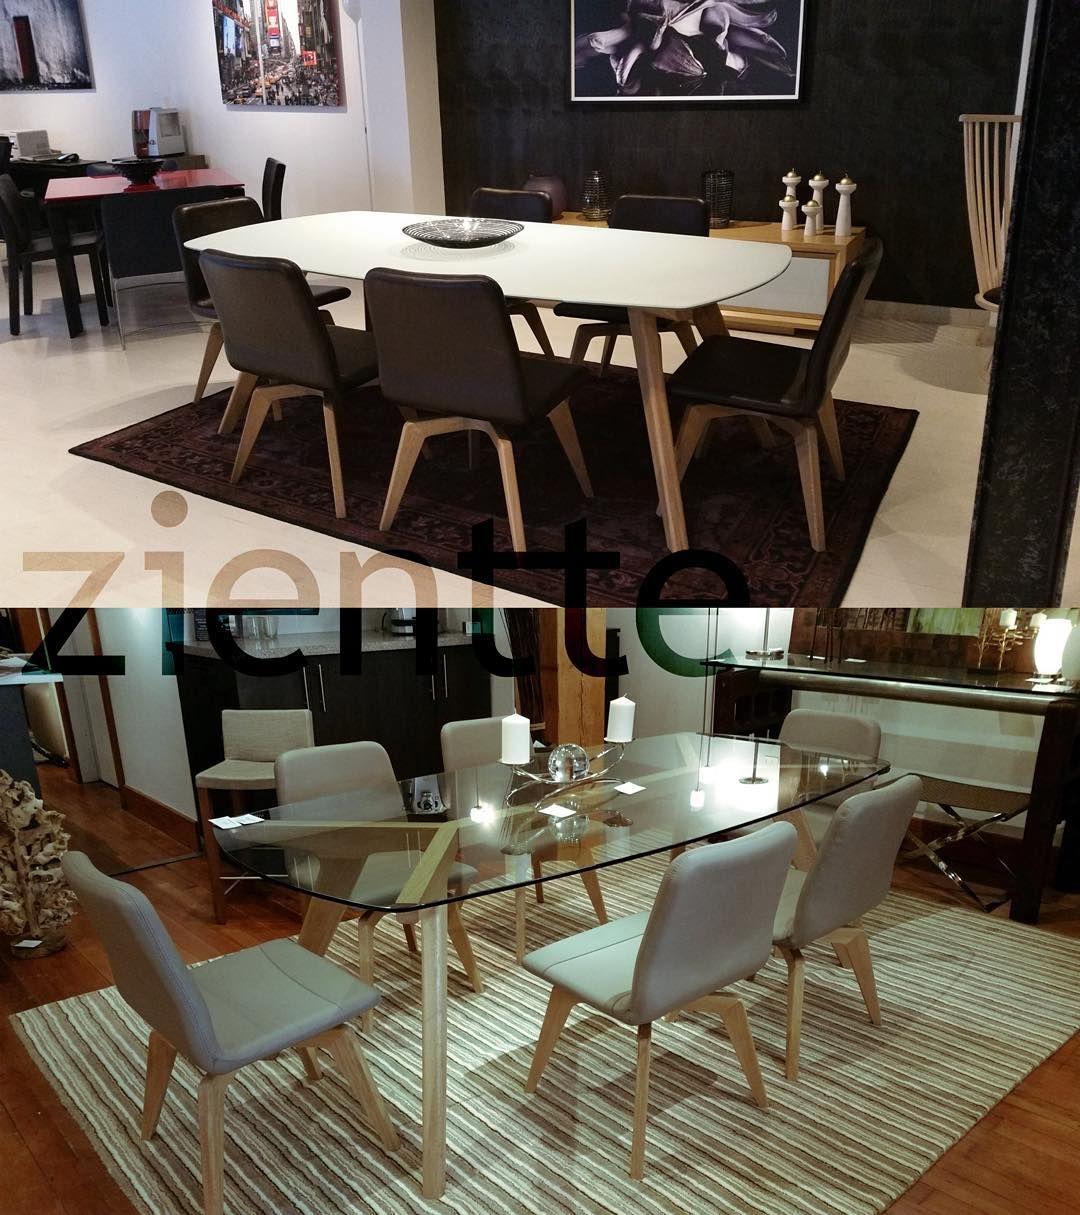 Si de Personalizar tus espacios se trata, Zientte te ofrece diseños de vanguardia y materiales exclusivos de la mejor calidad  Convierte tu casa en una